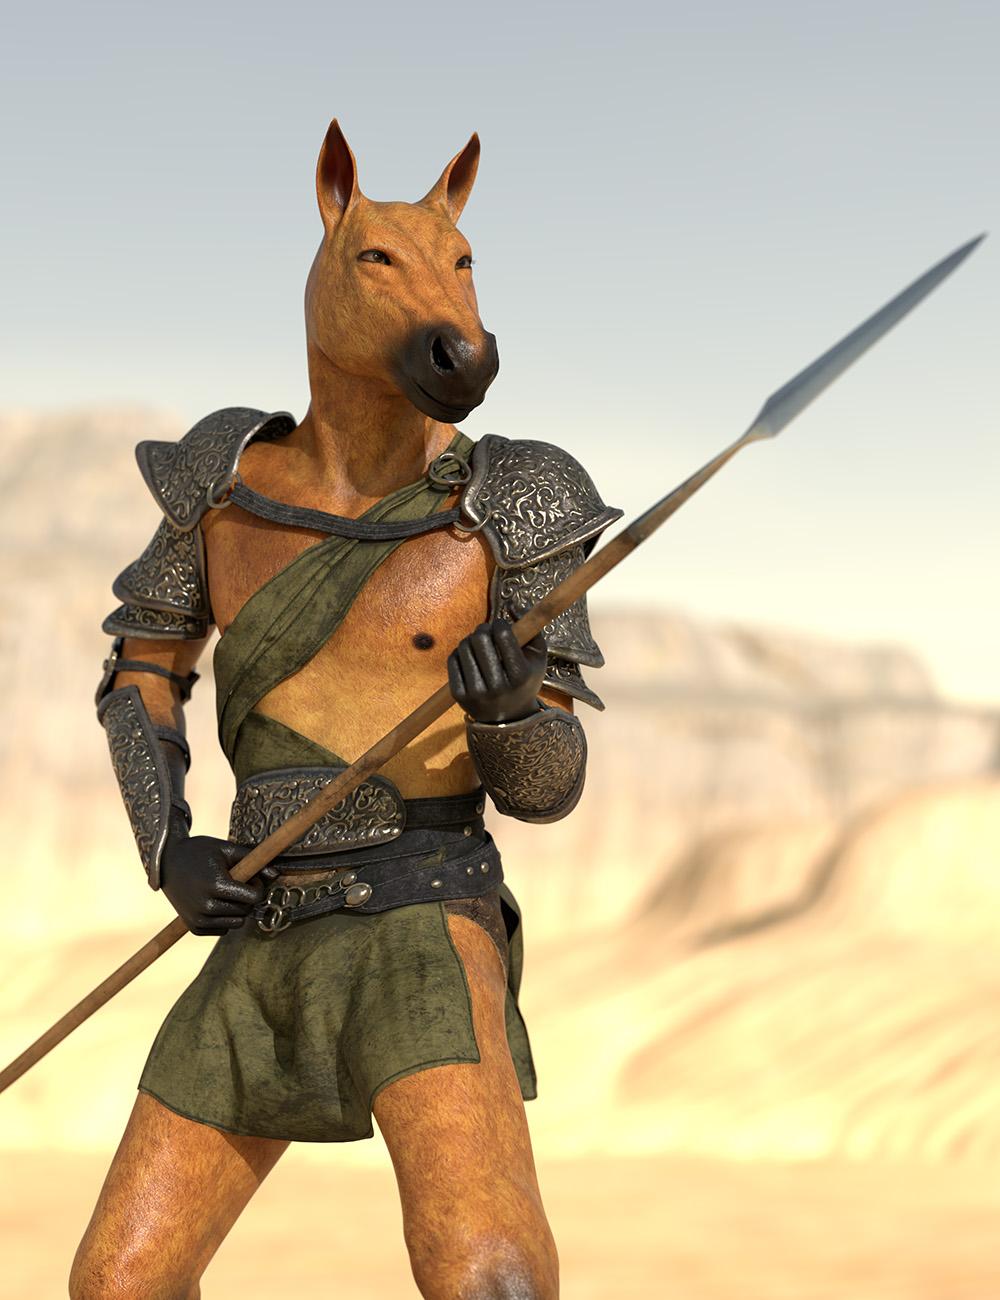 Oso Horseman HD for Genesis 8.1 Male by: Oso3D, 3D Models by Daz 3D